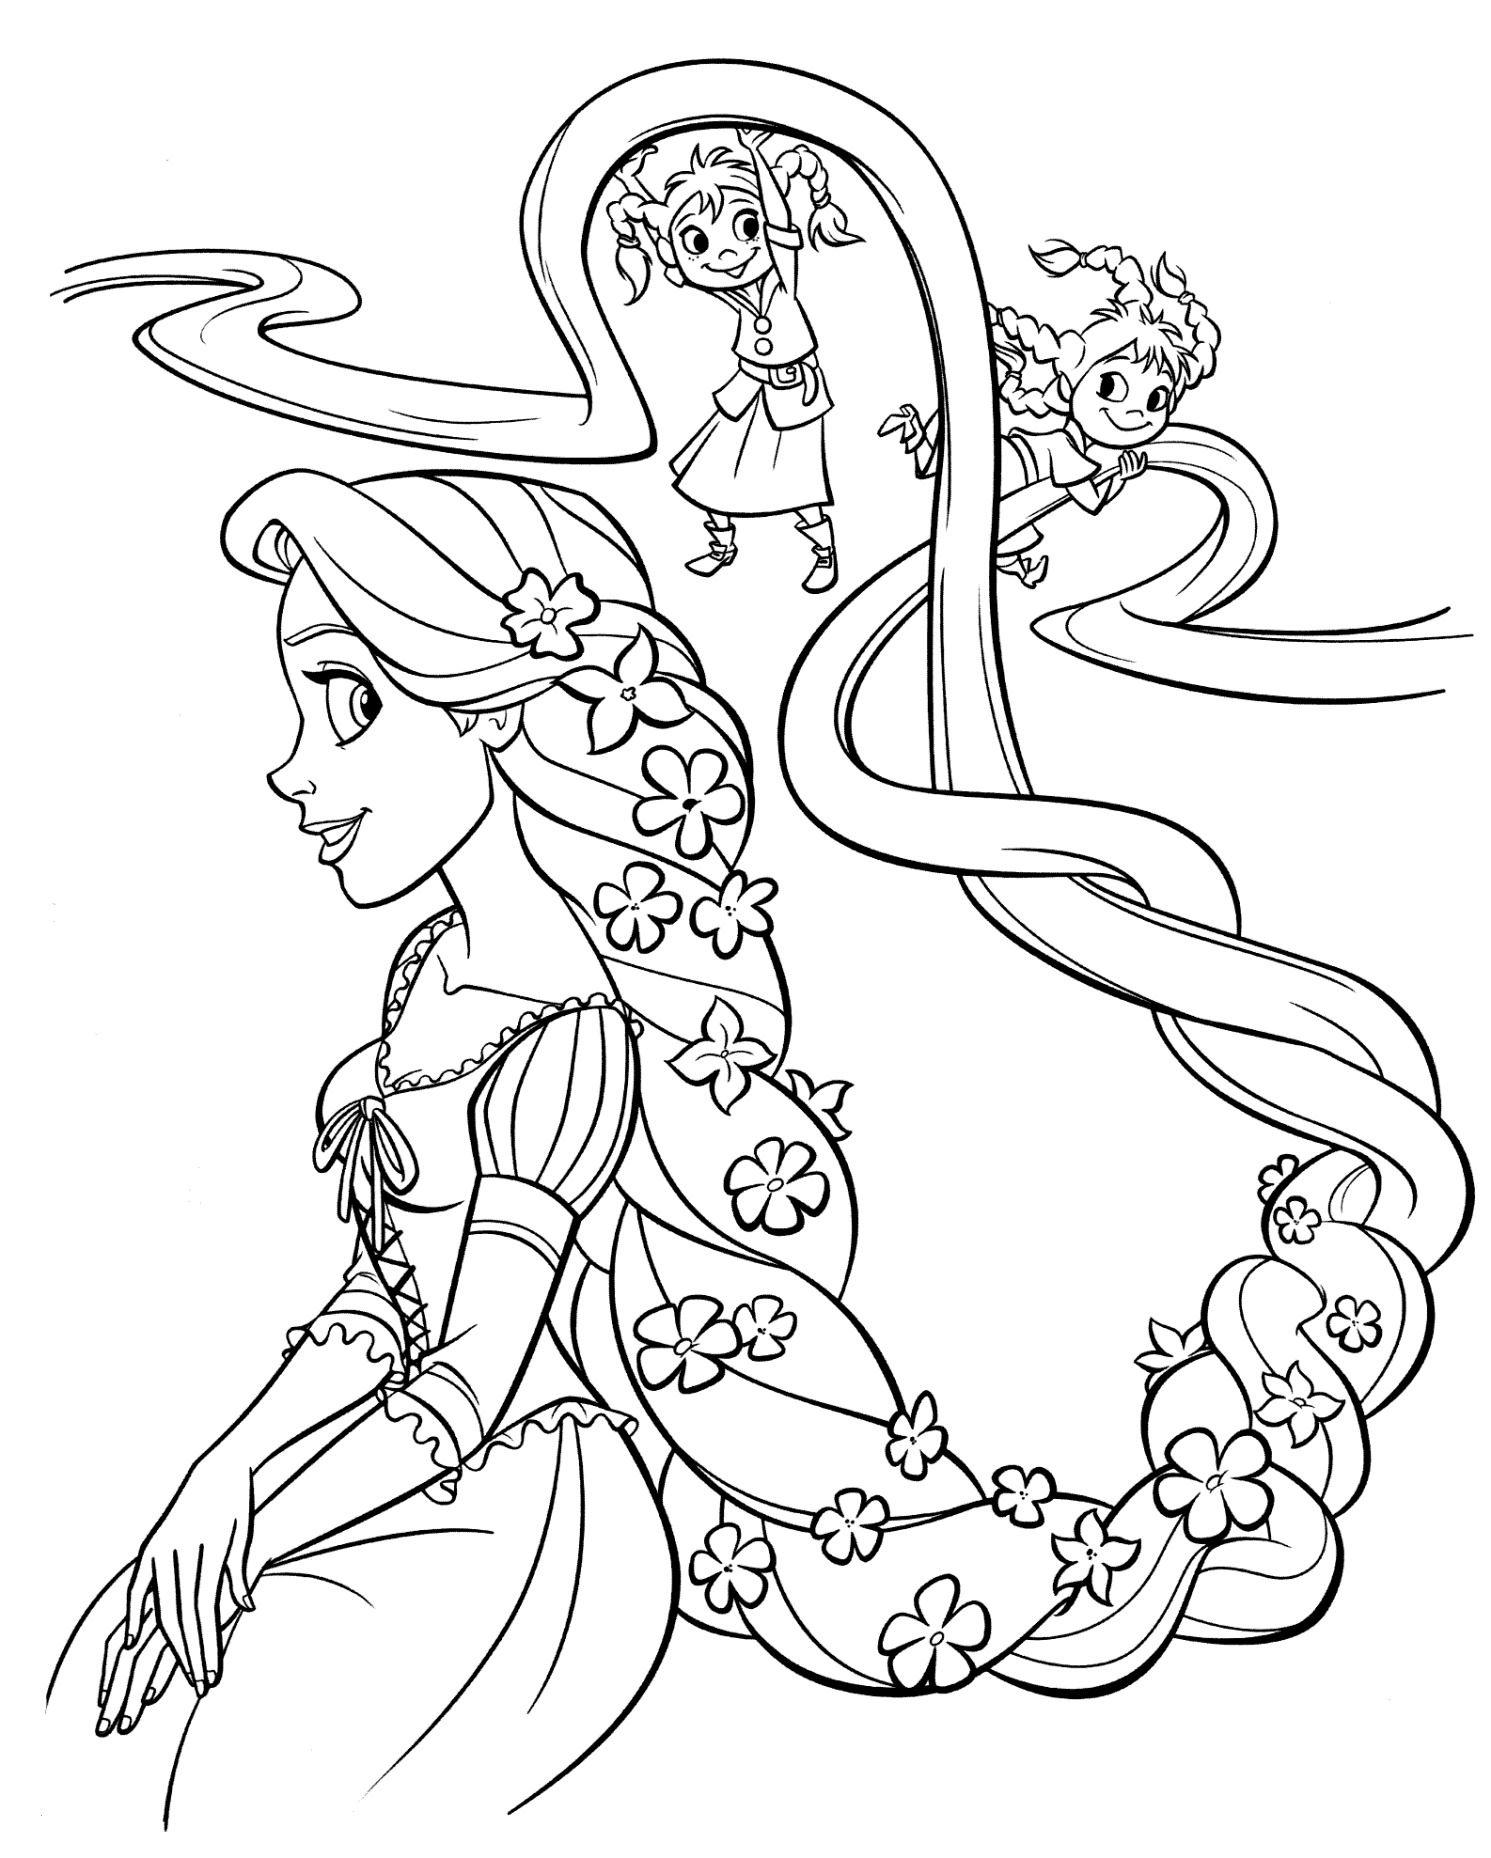 Rapunzel 002 Malvorlage prinzessin Disney prinzessin